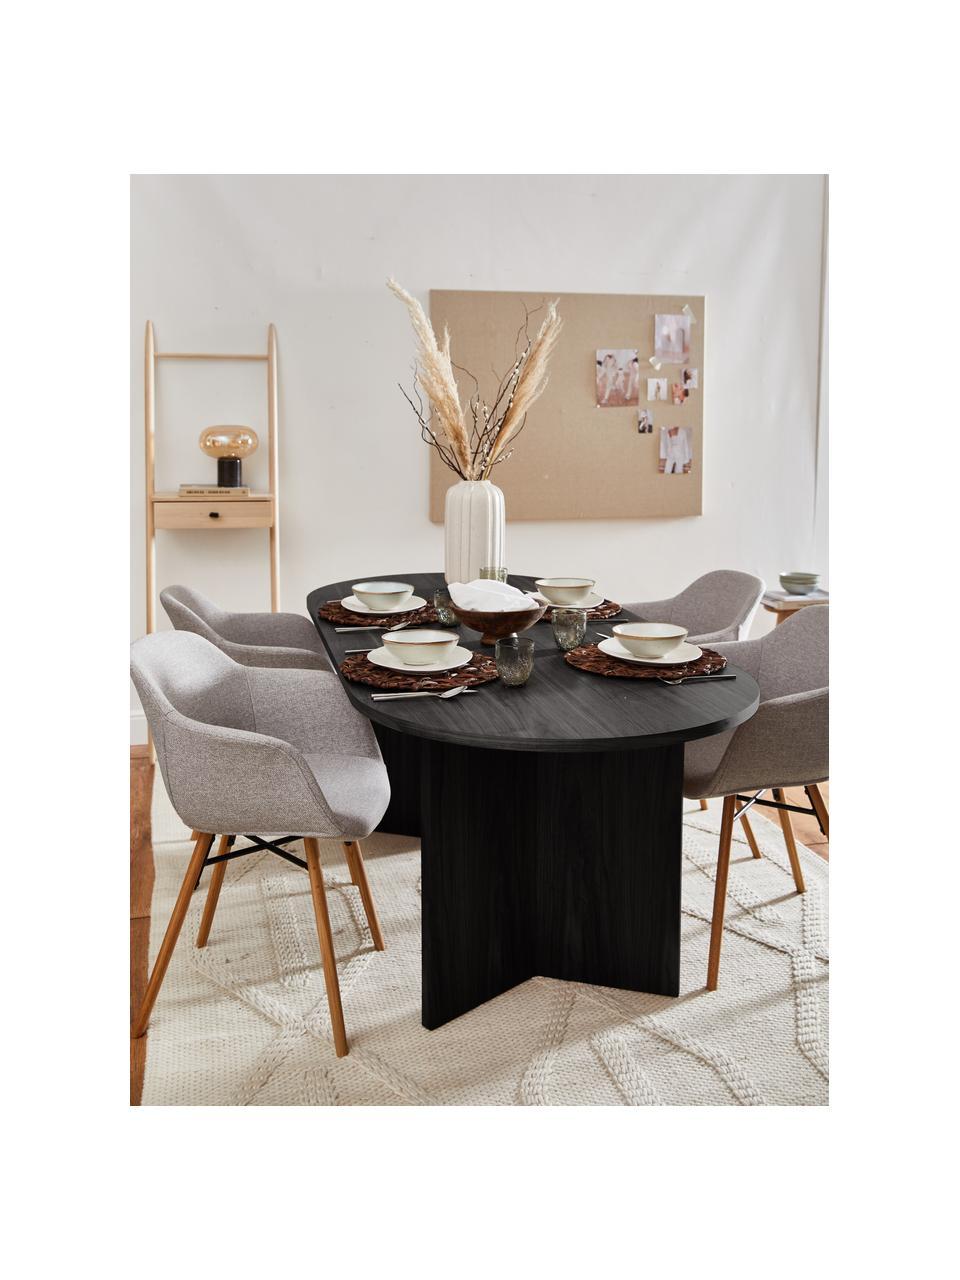 Ovaler Esstisch Toni, 200 x 90 cm, Mitteldichte Holzfaserplatte (MDF) mit Eichenholzfurnier, lackiert, Eichenholzfurnier, schwarz lackiert, B 200 x T 90 cm